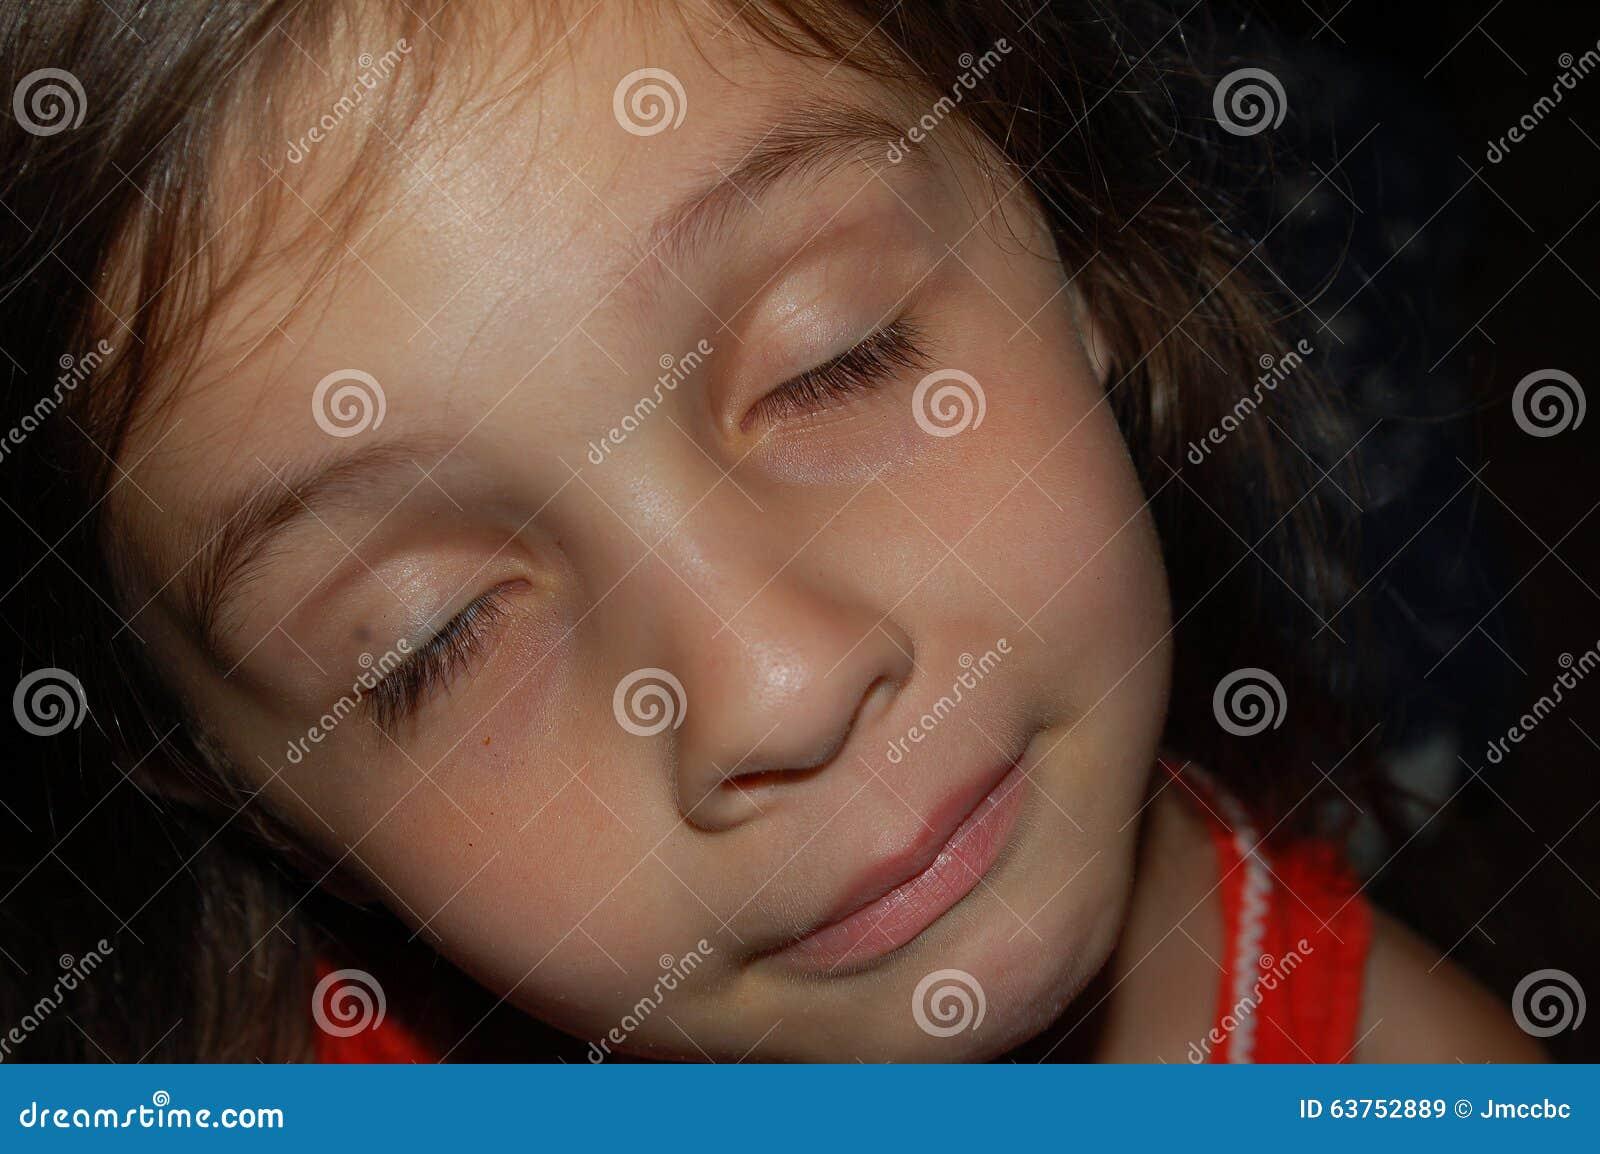 Jeune fille endormie, coveredup Tlcharger des Photos